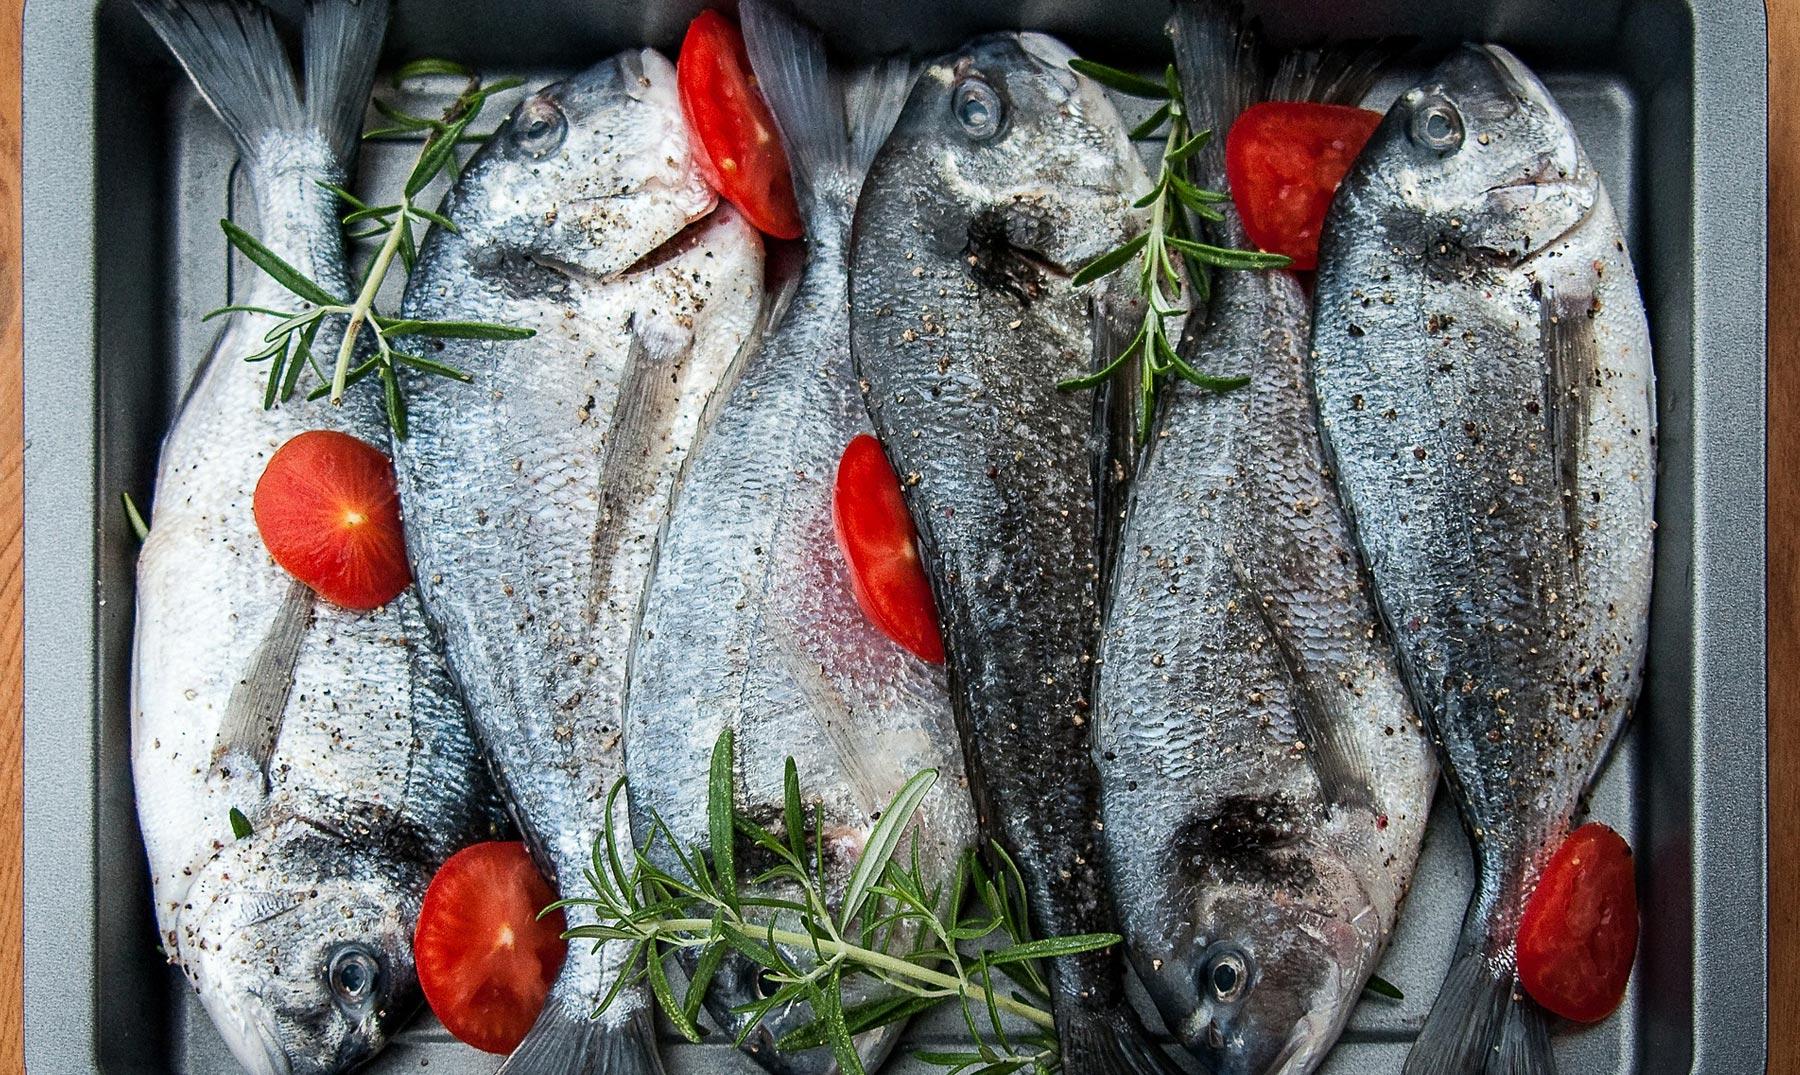 El pescado: calidad alimenticia sustentable